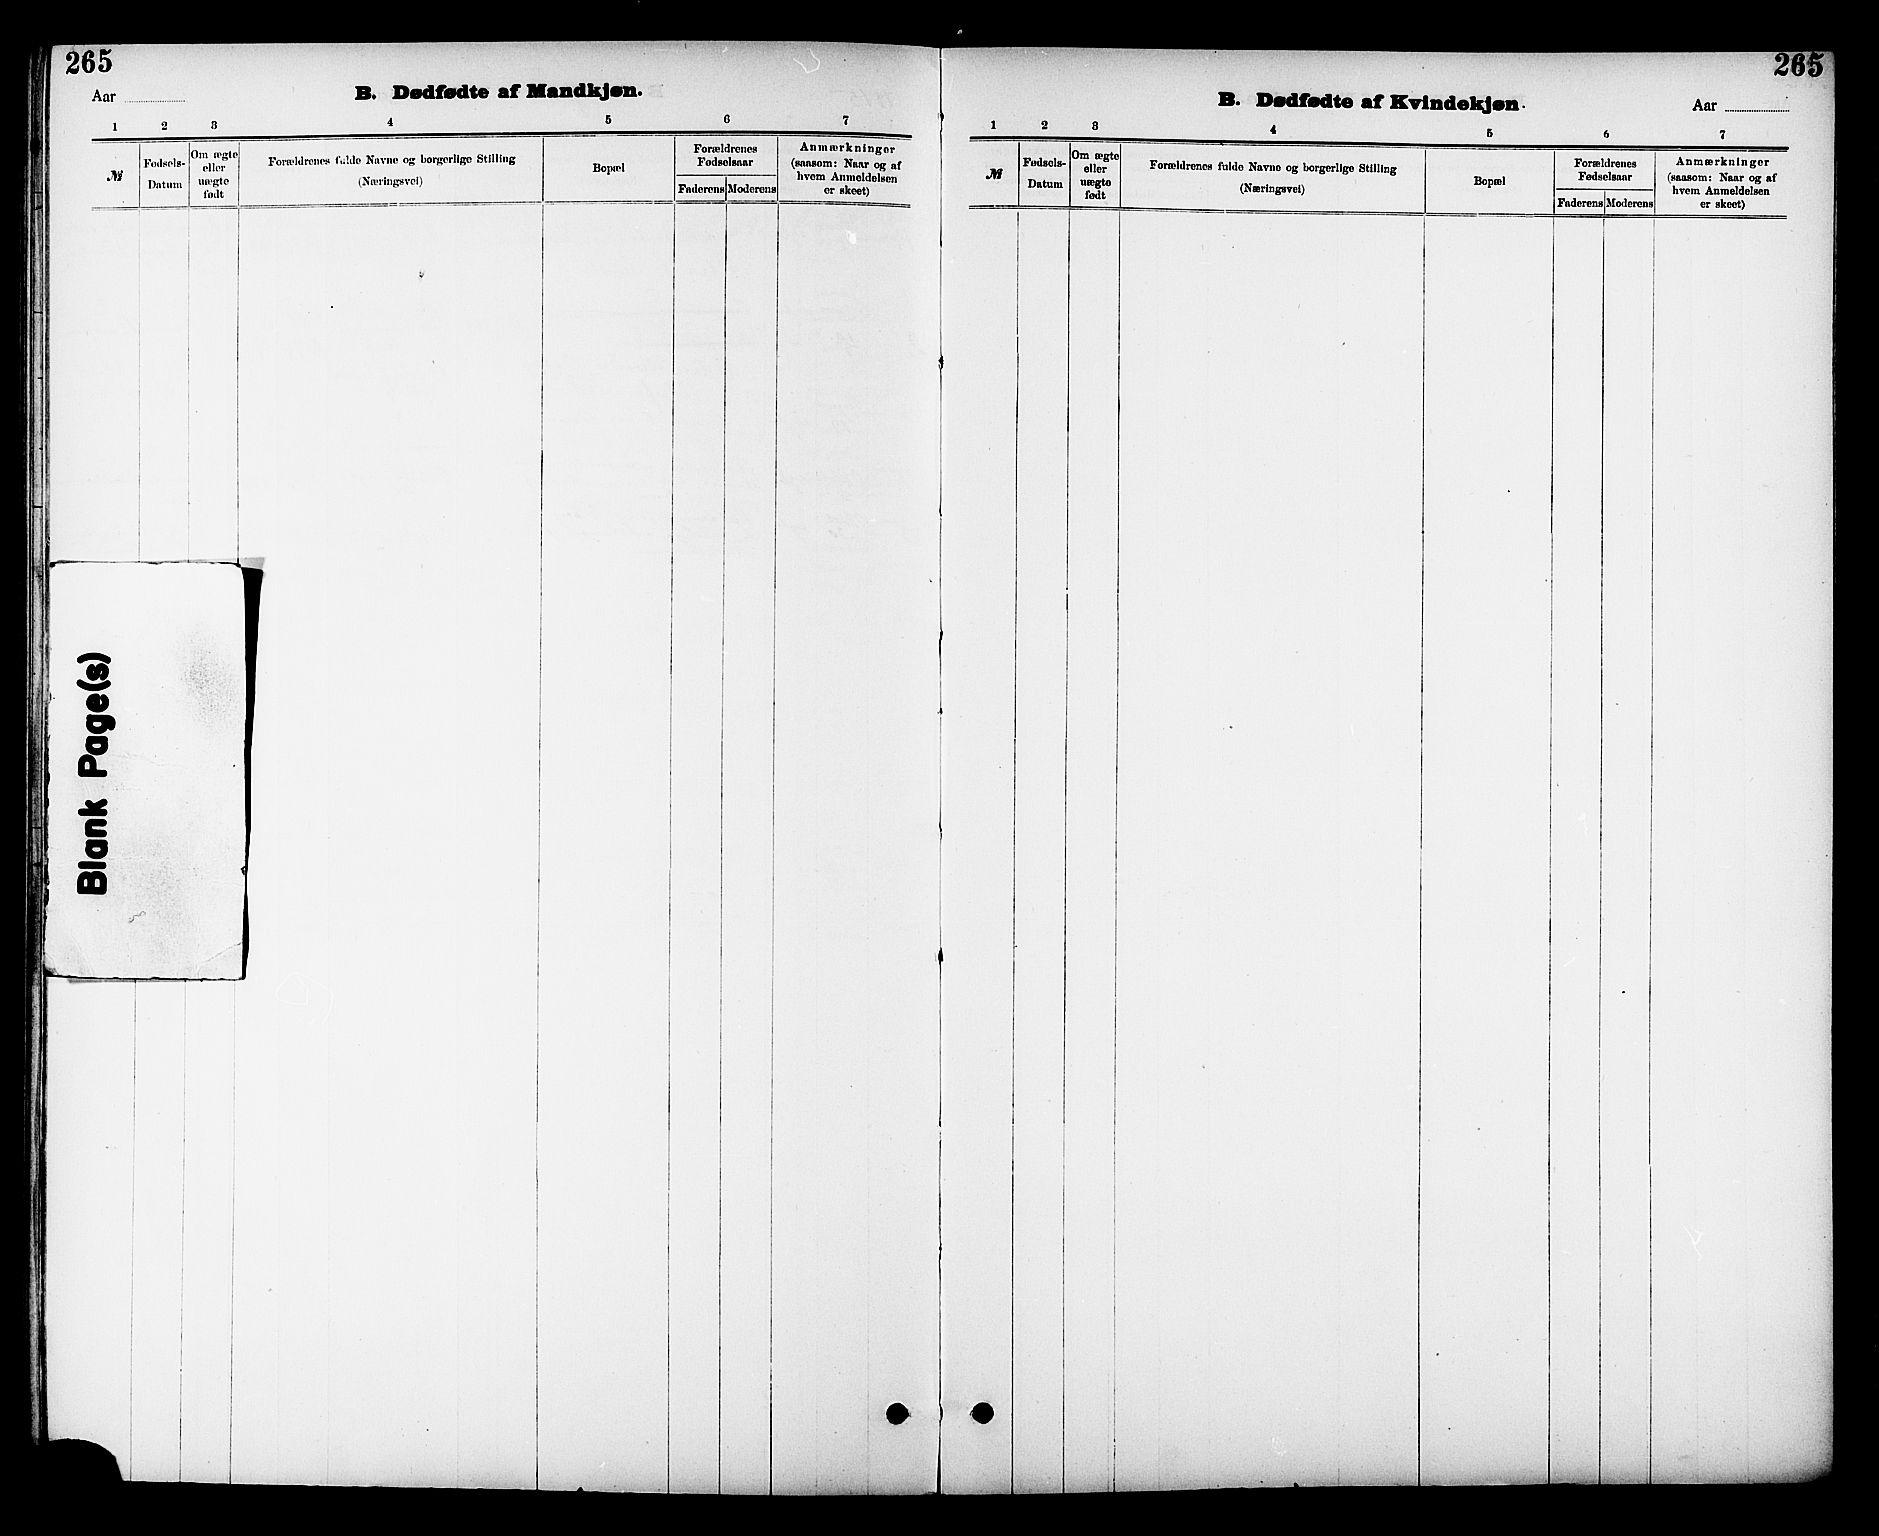 SAT, Ministerialprotokoller, klokkerbøker og fødselsregistre - Sør-Trøndelag, 605/L0254: Klokkerbok nr. 605C01, 1908-1916, s. 265